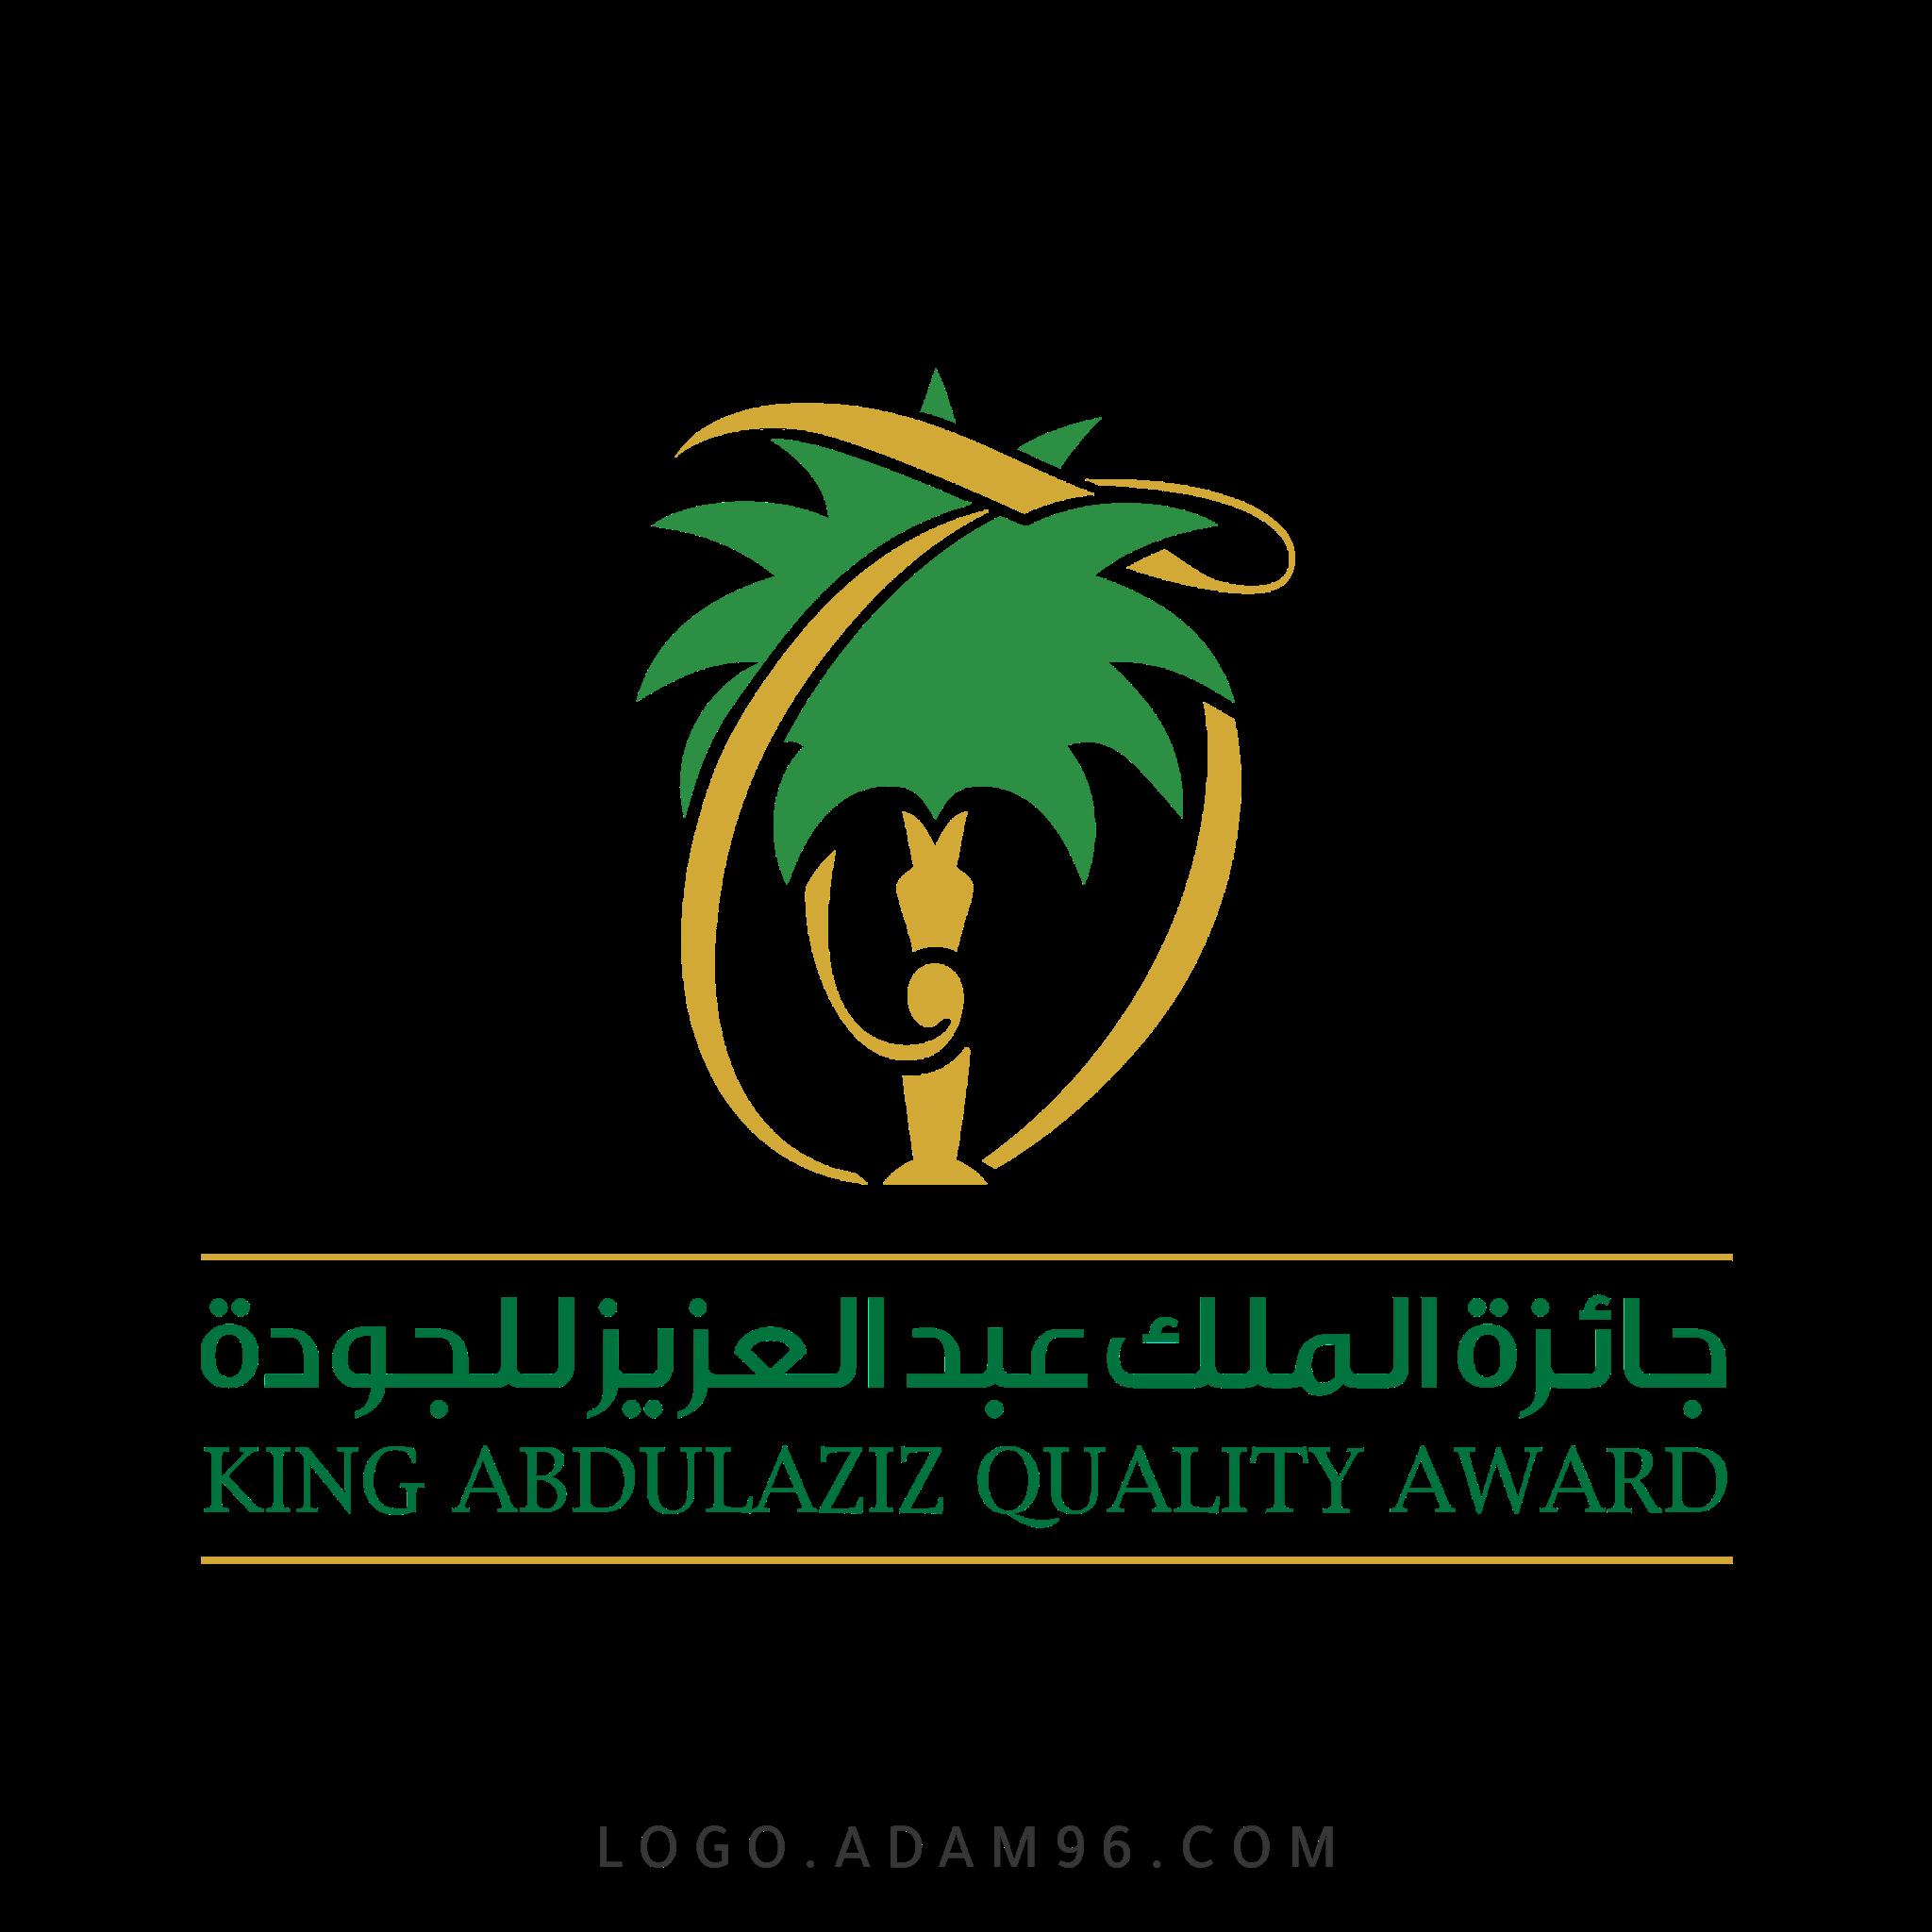 تحميل شعار جائزة الملك عبد العزيز للجودة لوجو شفاف PNG